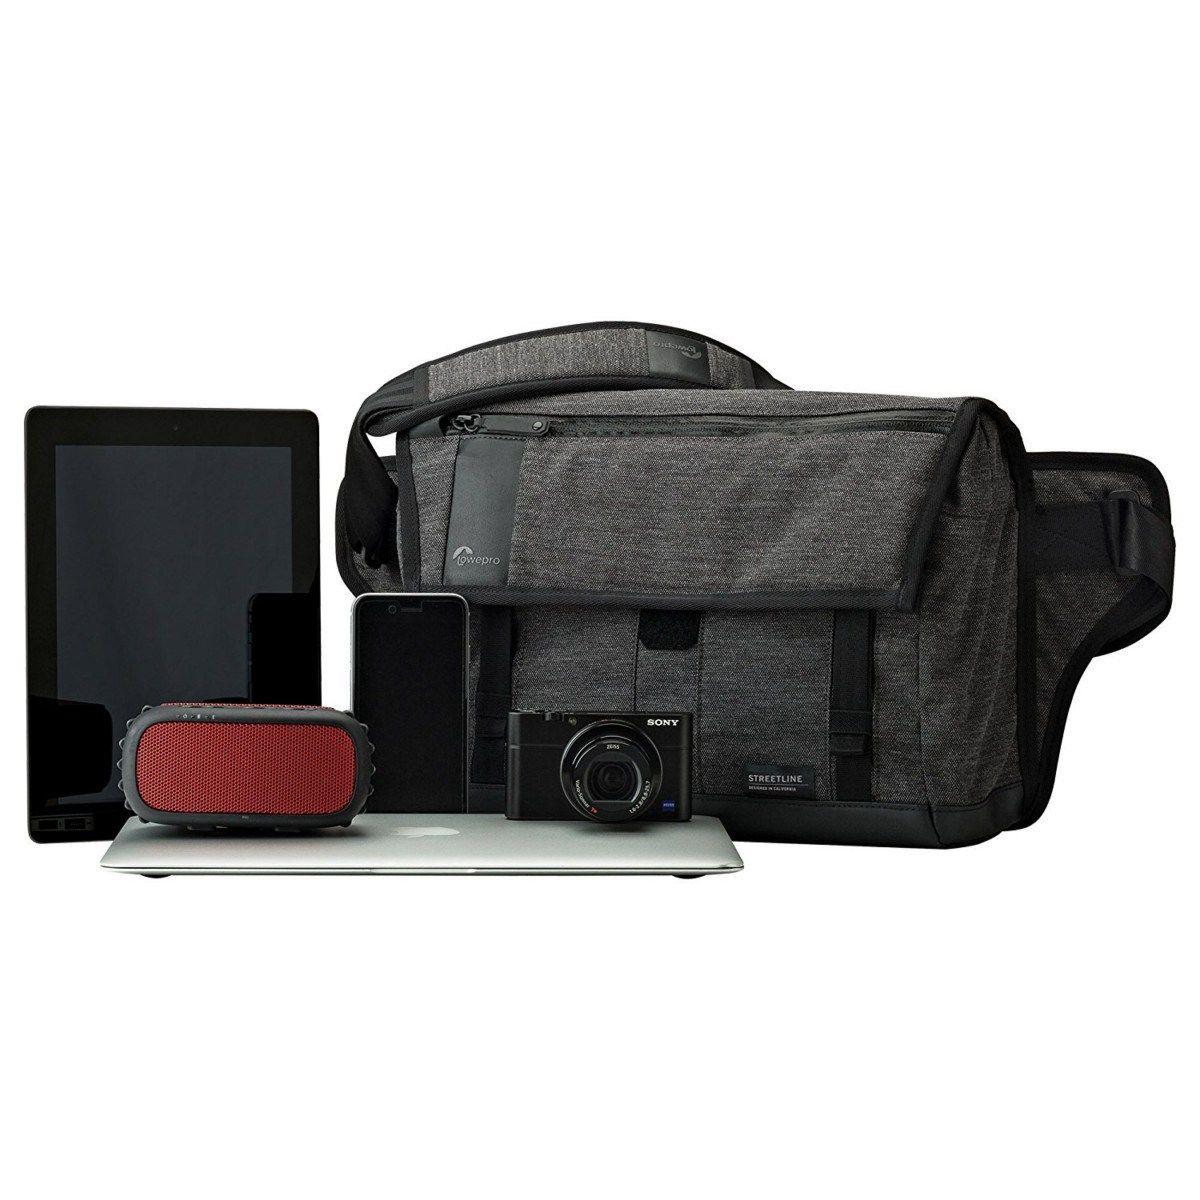 Lowepro Streetline Best Mirrorless Camera Bag Camera Sling Bag Best Dslr Camera Bag Best Camera Backpack